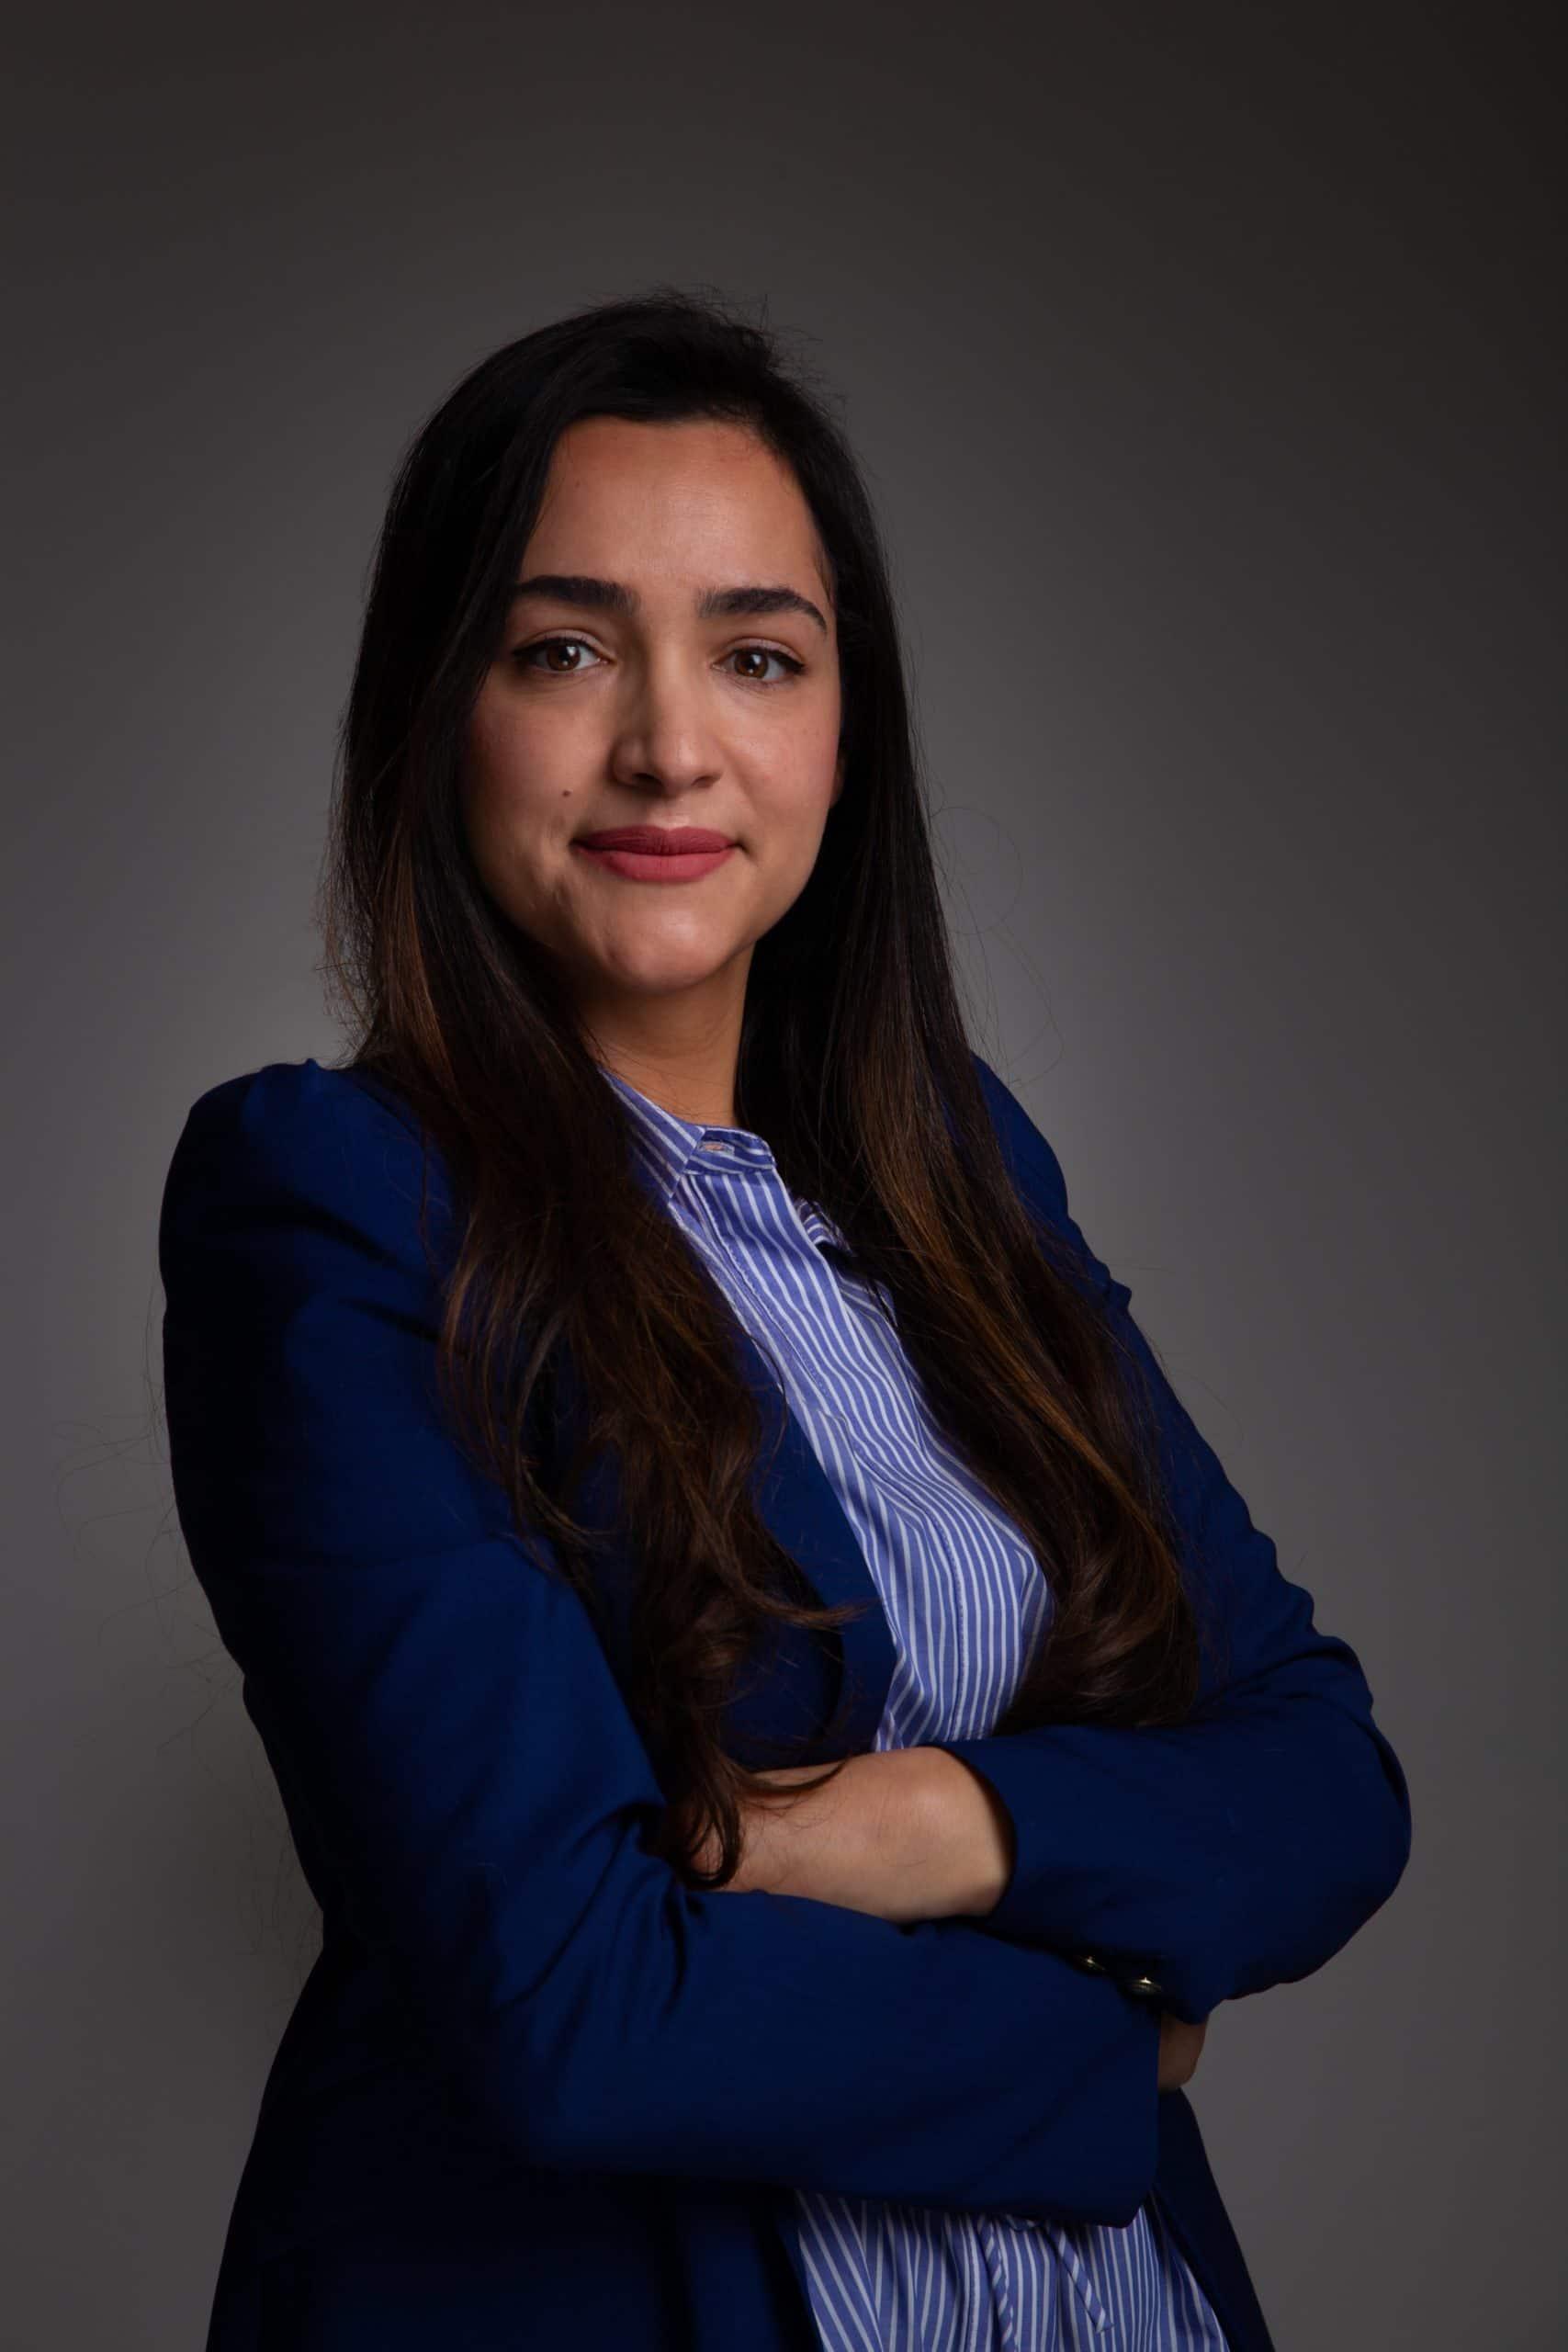 Asma Dhouibi